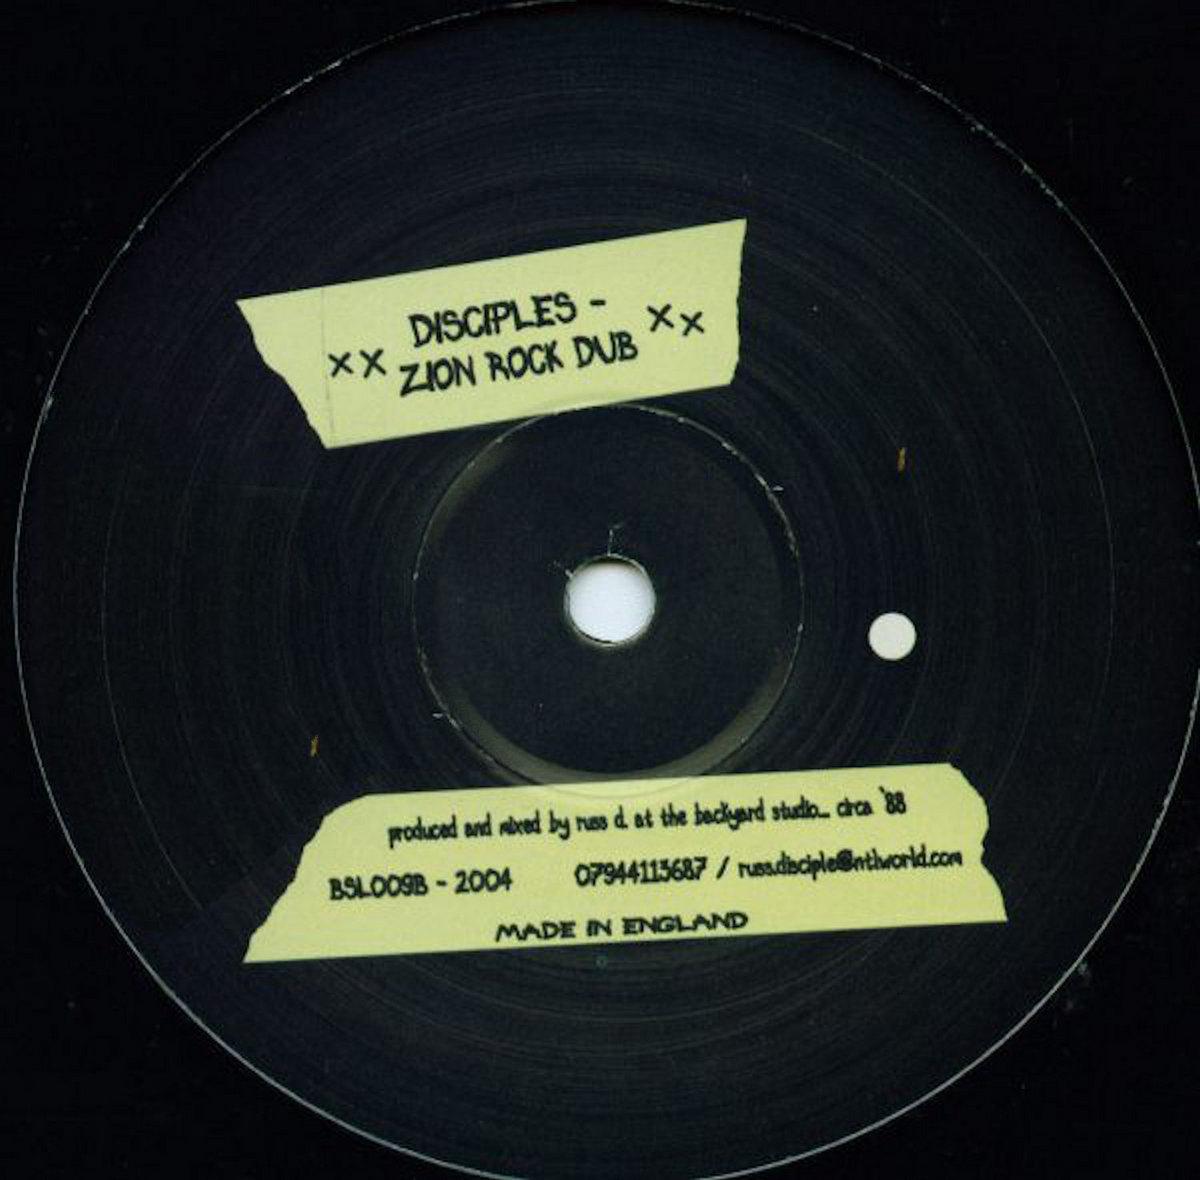 Almighty Dub / Zion Rock Dub